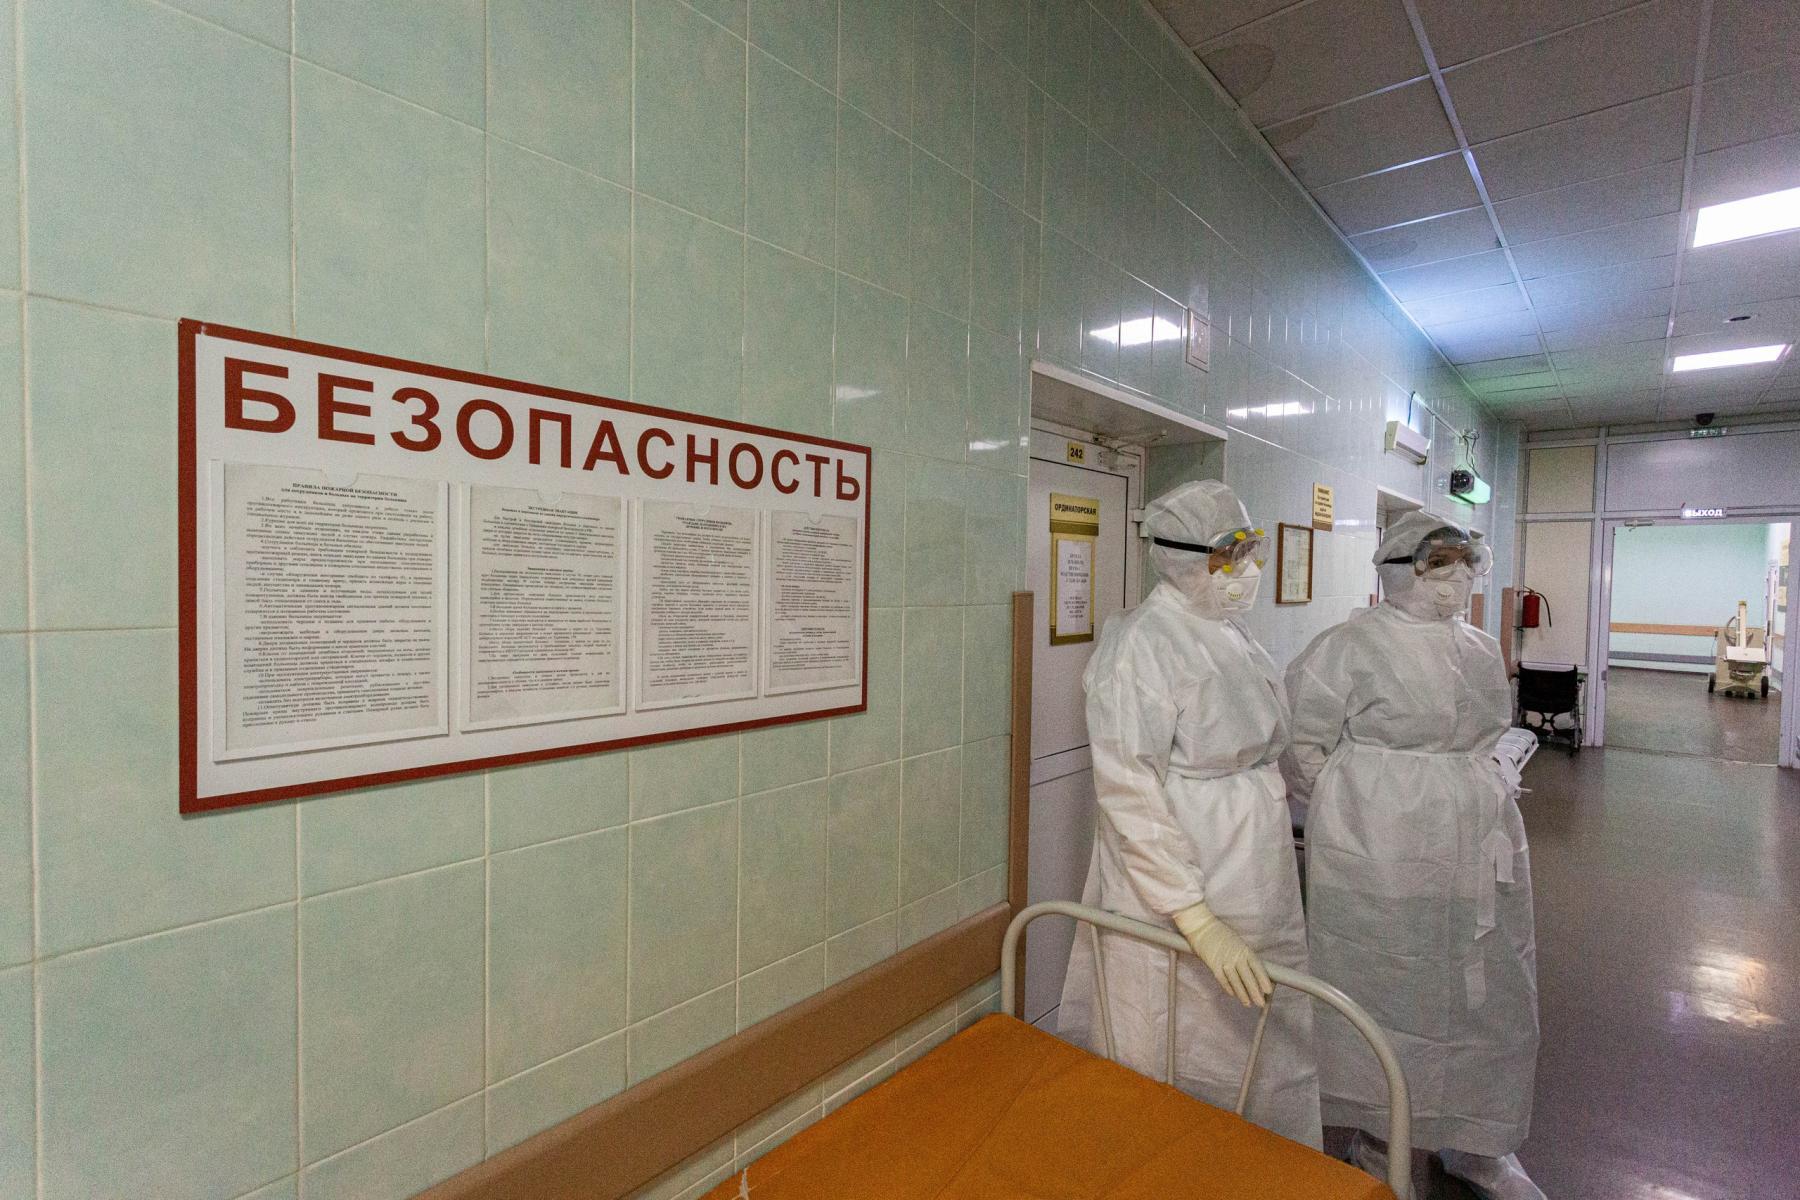 Фото «Пациенты лежат на животе по 14-16 часов в сутки»: врачи провели экскурсию по коронавирусному госпиталю Новосибирска 6